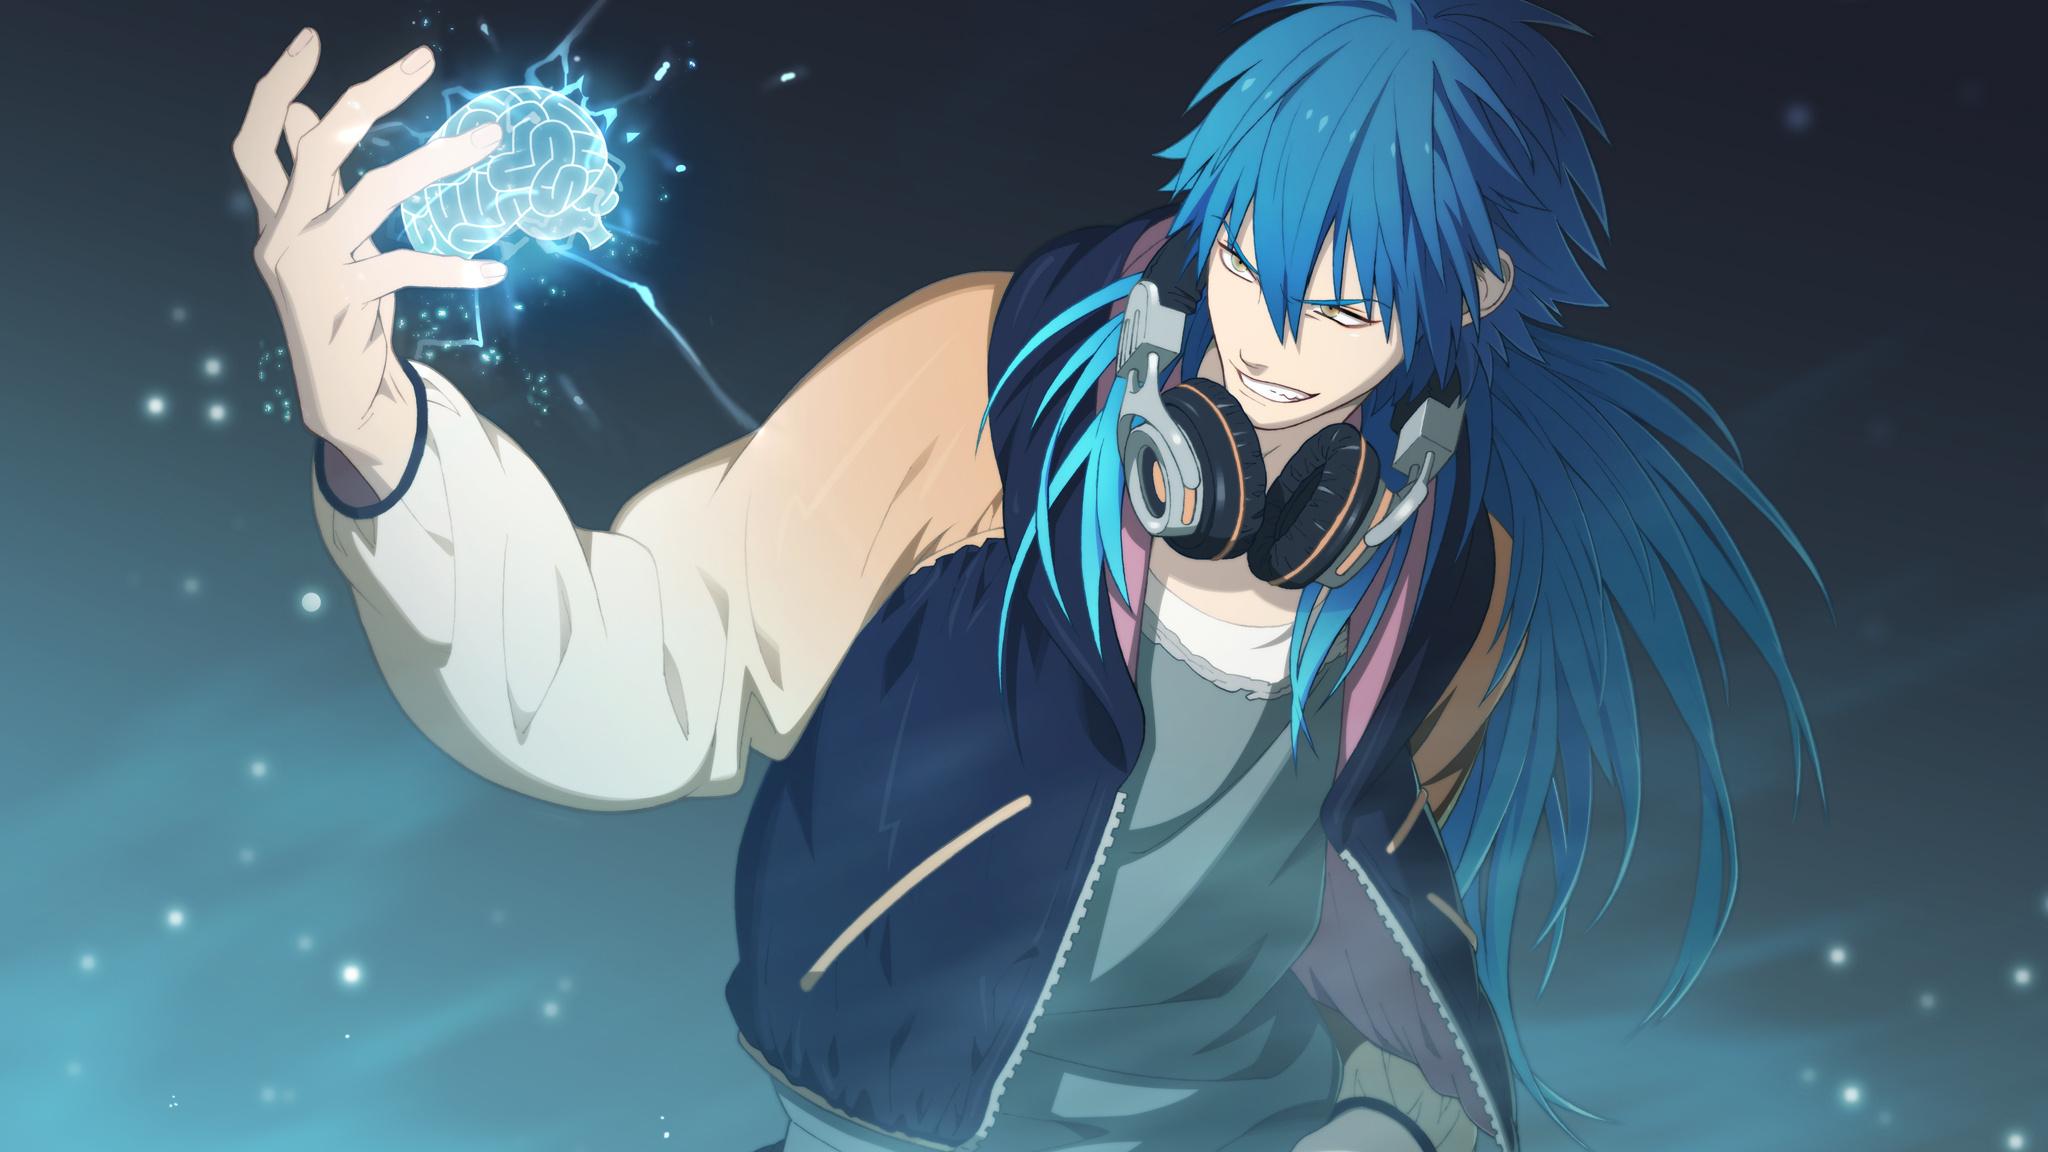 long hair headphones anime blue hair dramatical murder anime boys